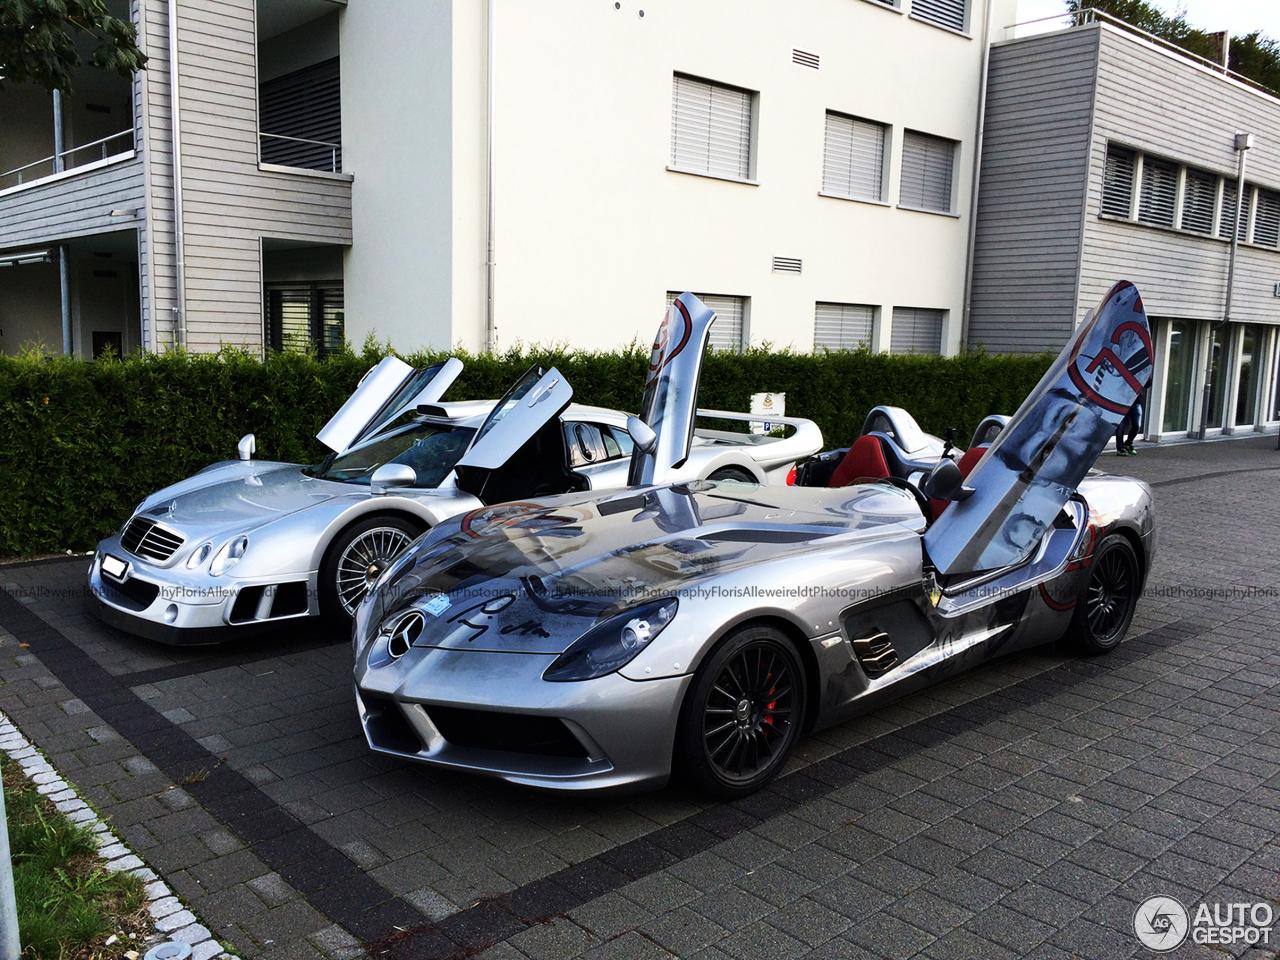 Mercedes benz clk gtr amg 18 mai 2016 autogespot for Mercedes benz gtr amg 2017 price